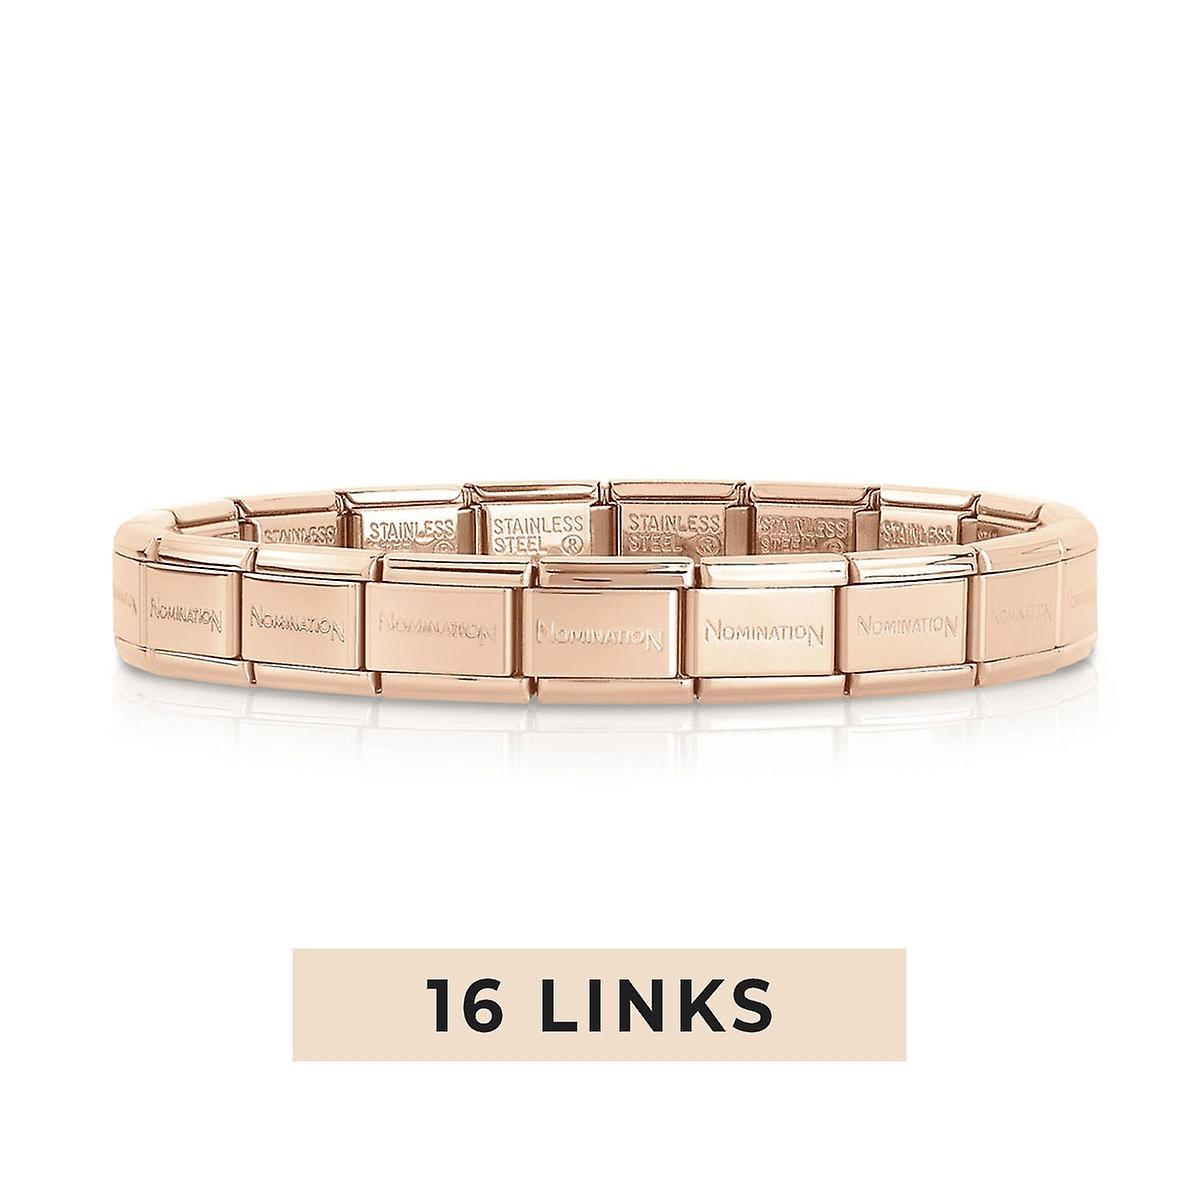 Nomination Classic 16 Link Composable Rose Gold Steel Starter Bracelet 030001/SI/011/16